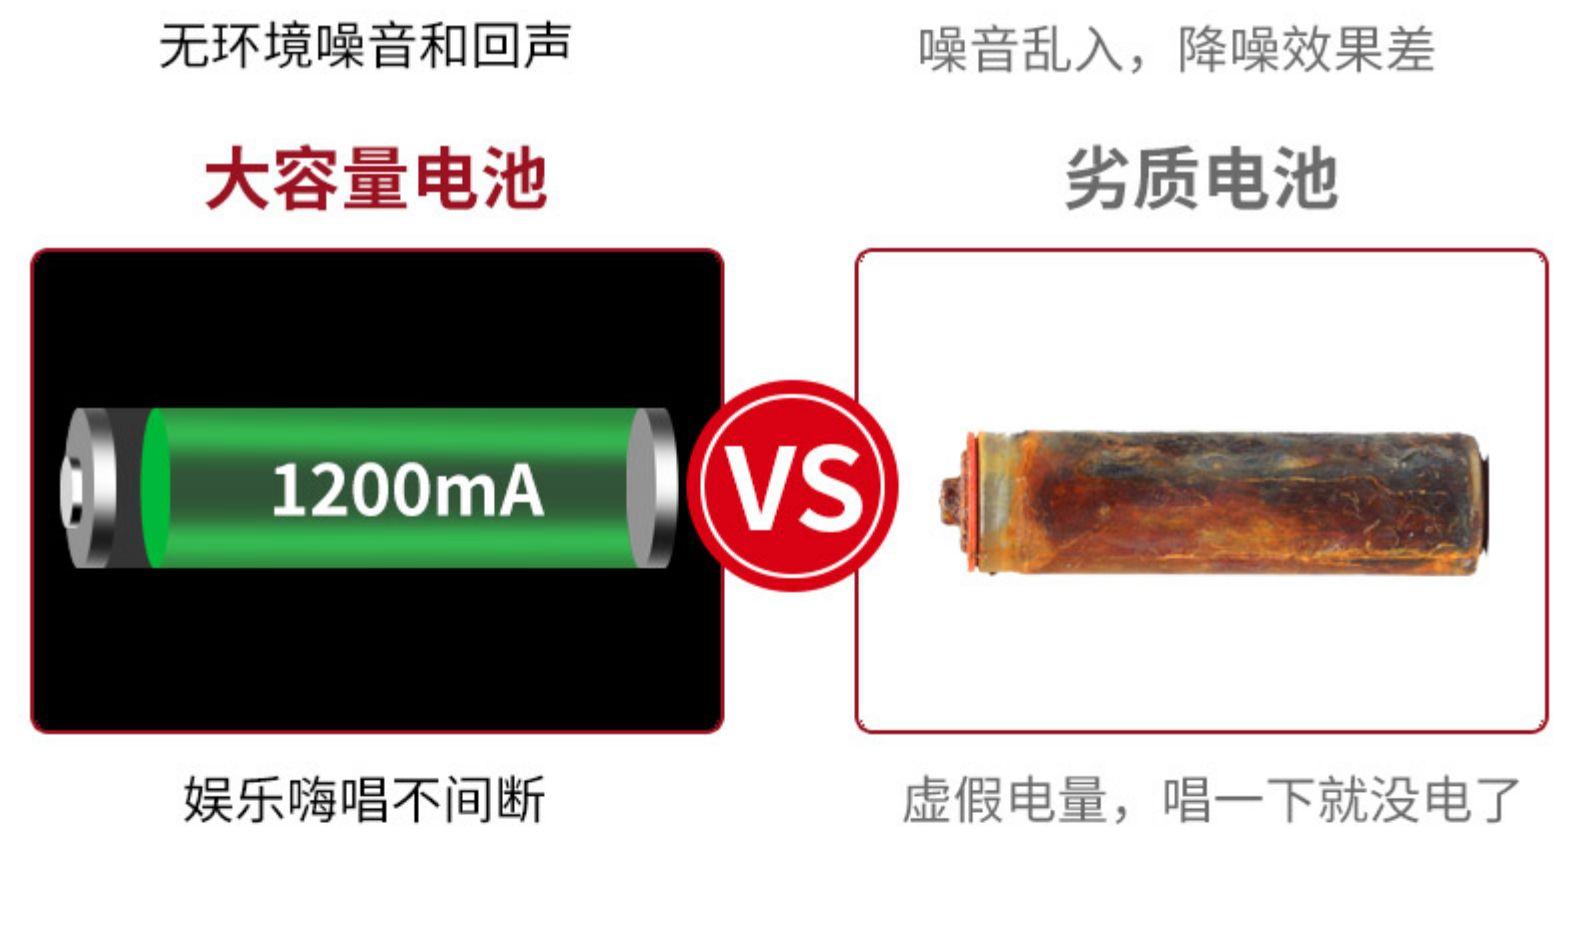 无环境噪音和回声噪音乱入,降噪效果差大容量电池劣质电池1200mA娱乐嗨唱不间断虚假电量,唱一下就没电了-推好价 | 品质生活 精选好价